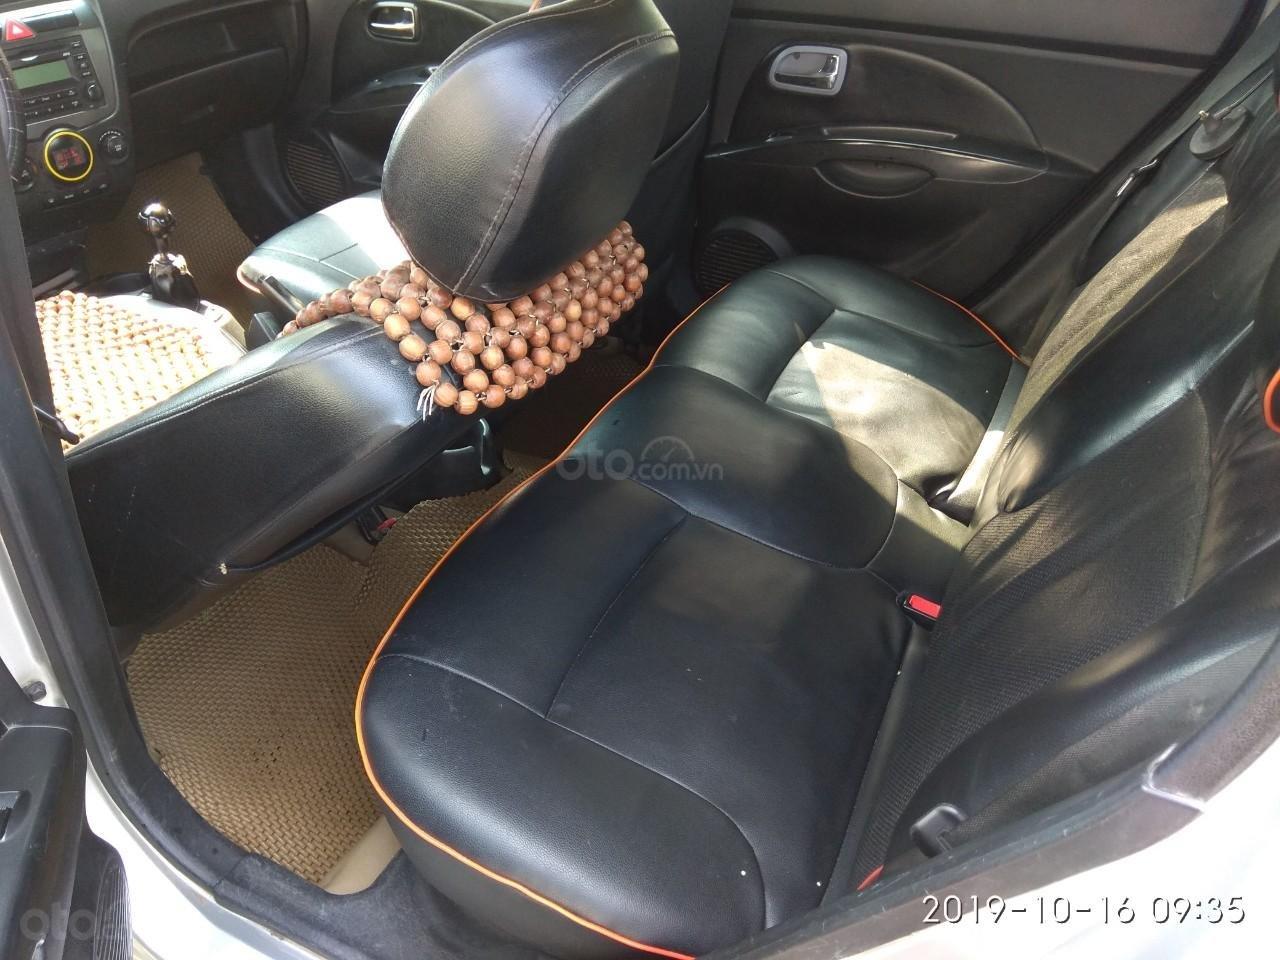 Cần bán Kia Morning sản xuất 2011, màu bạc, giá 168tr (4)